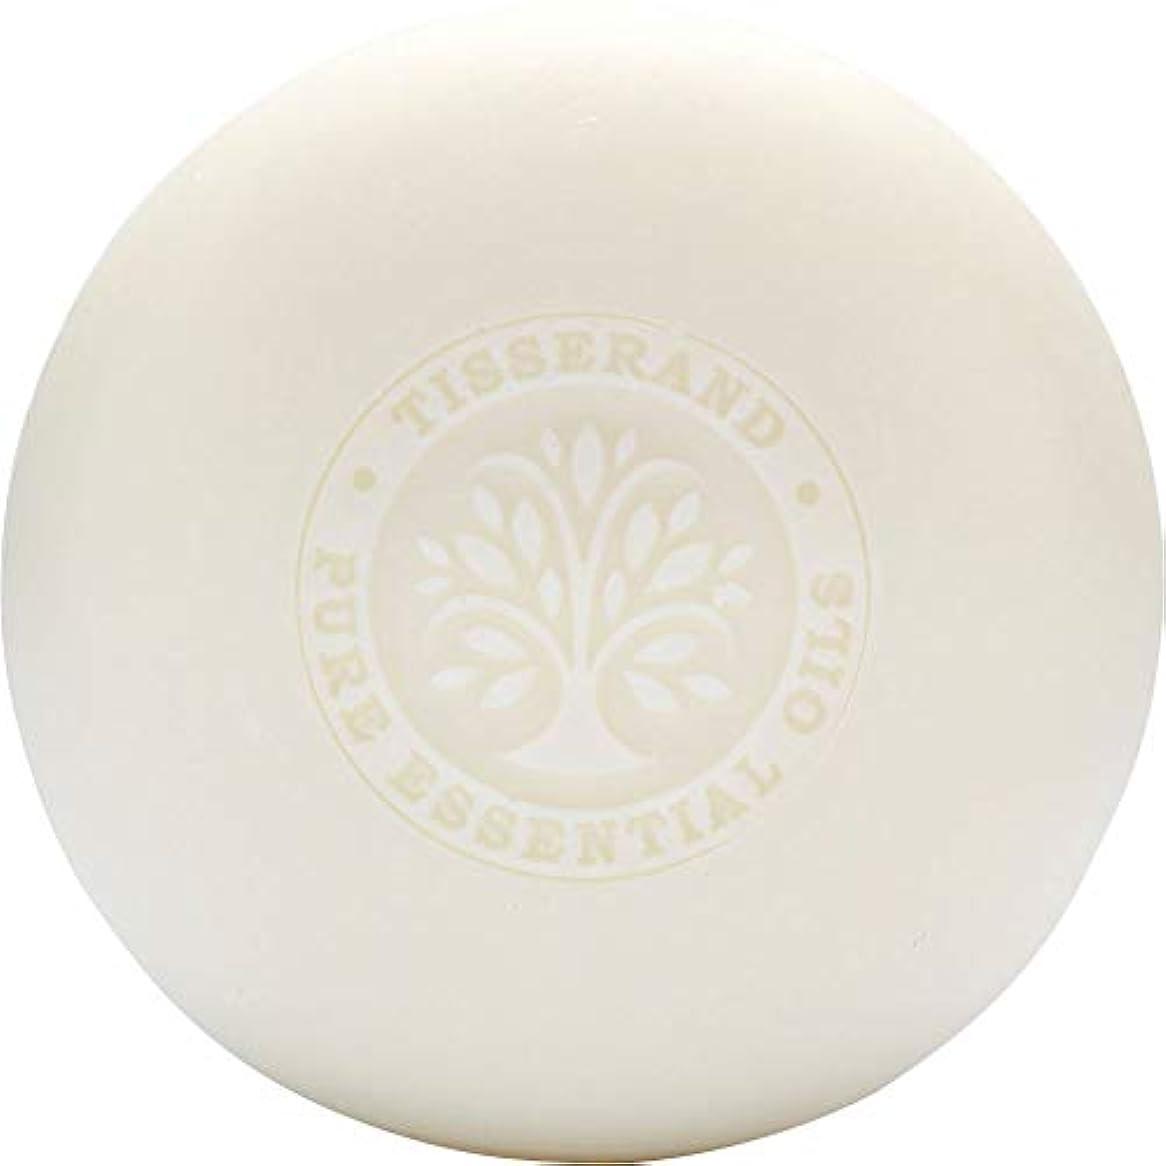 反対メロドラマティック天使[Tisserand] ティスランドローズ&ゼラニウムの葉石鹸100グラム - Tisserand Rose & Geranium Leaf Soap 100g [並行輸入品]